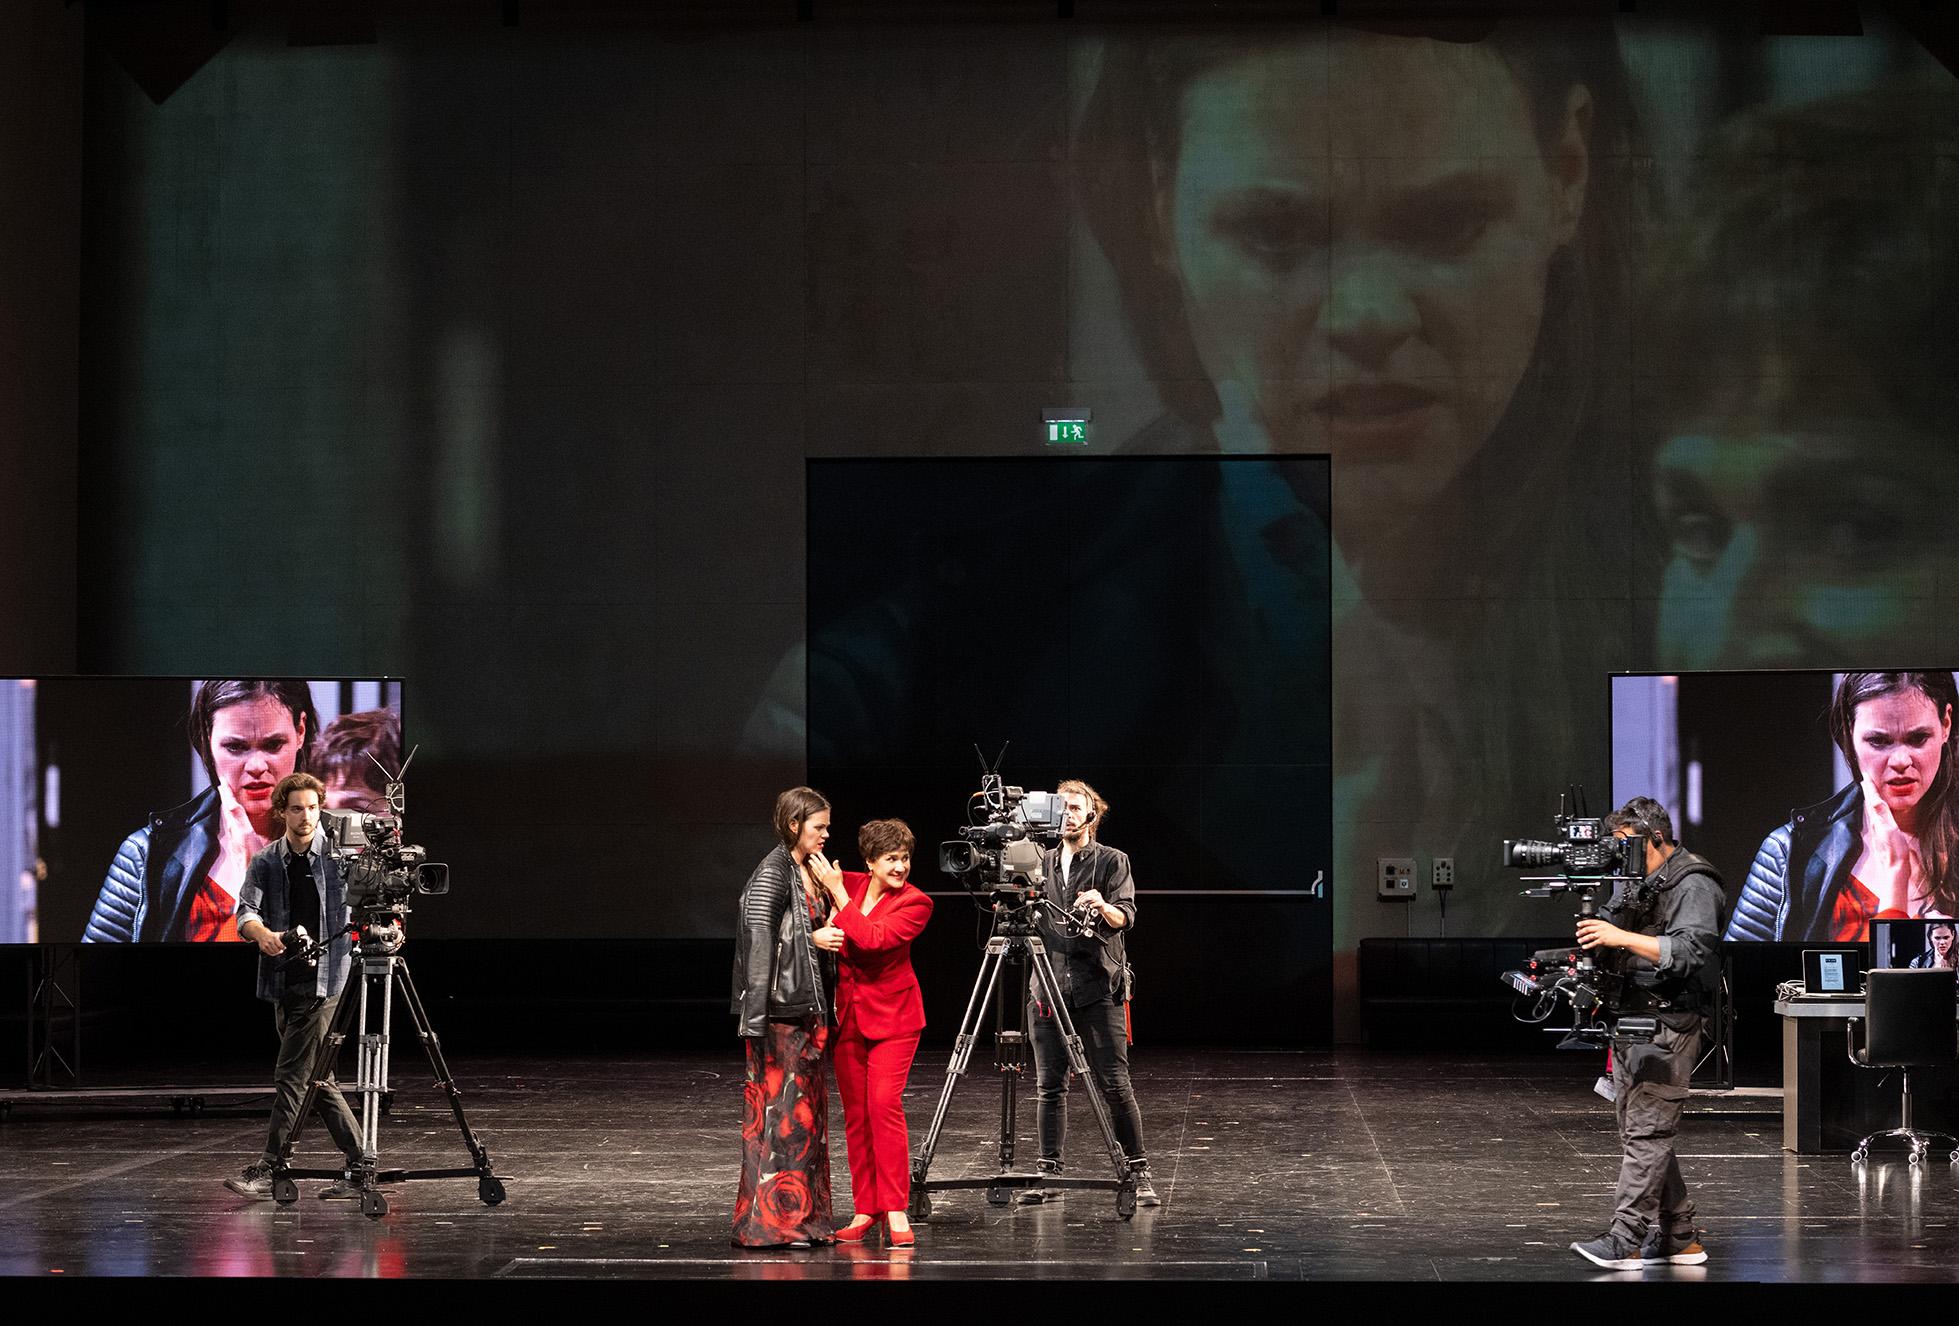 trionfo-2021-c-sf-monika-rittershaus-15small